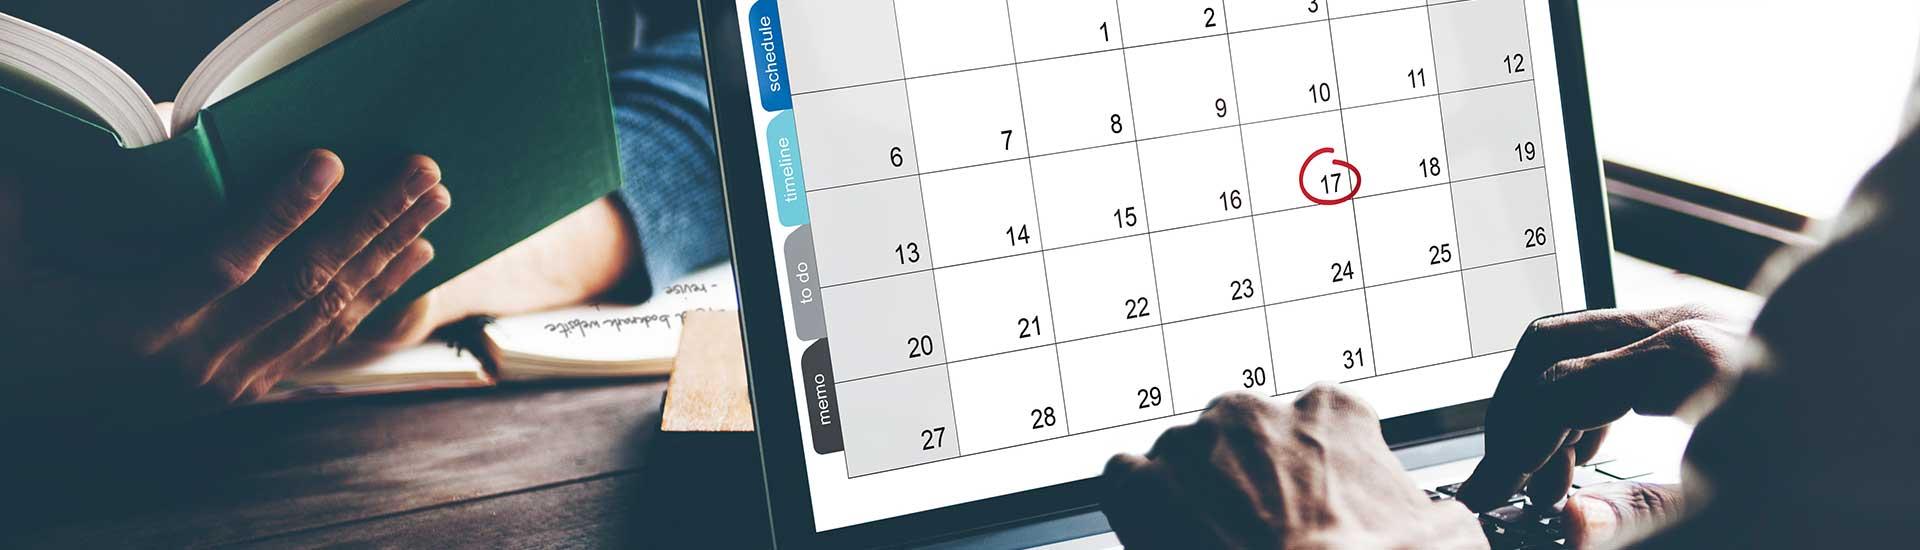 Bildschirm mit geöffnetem Kalender, die 17 ist umkreist